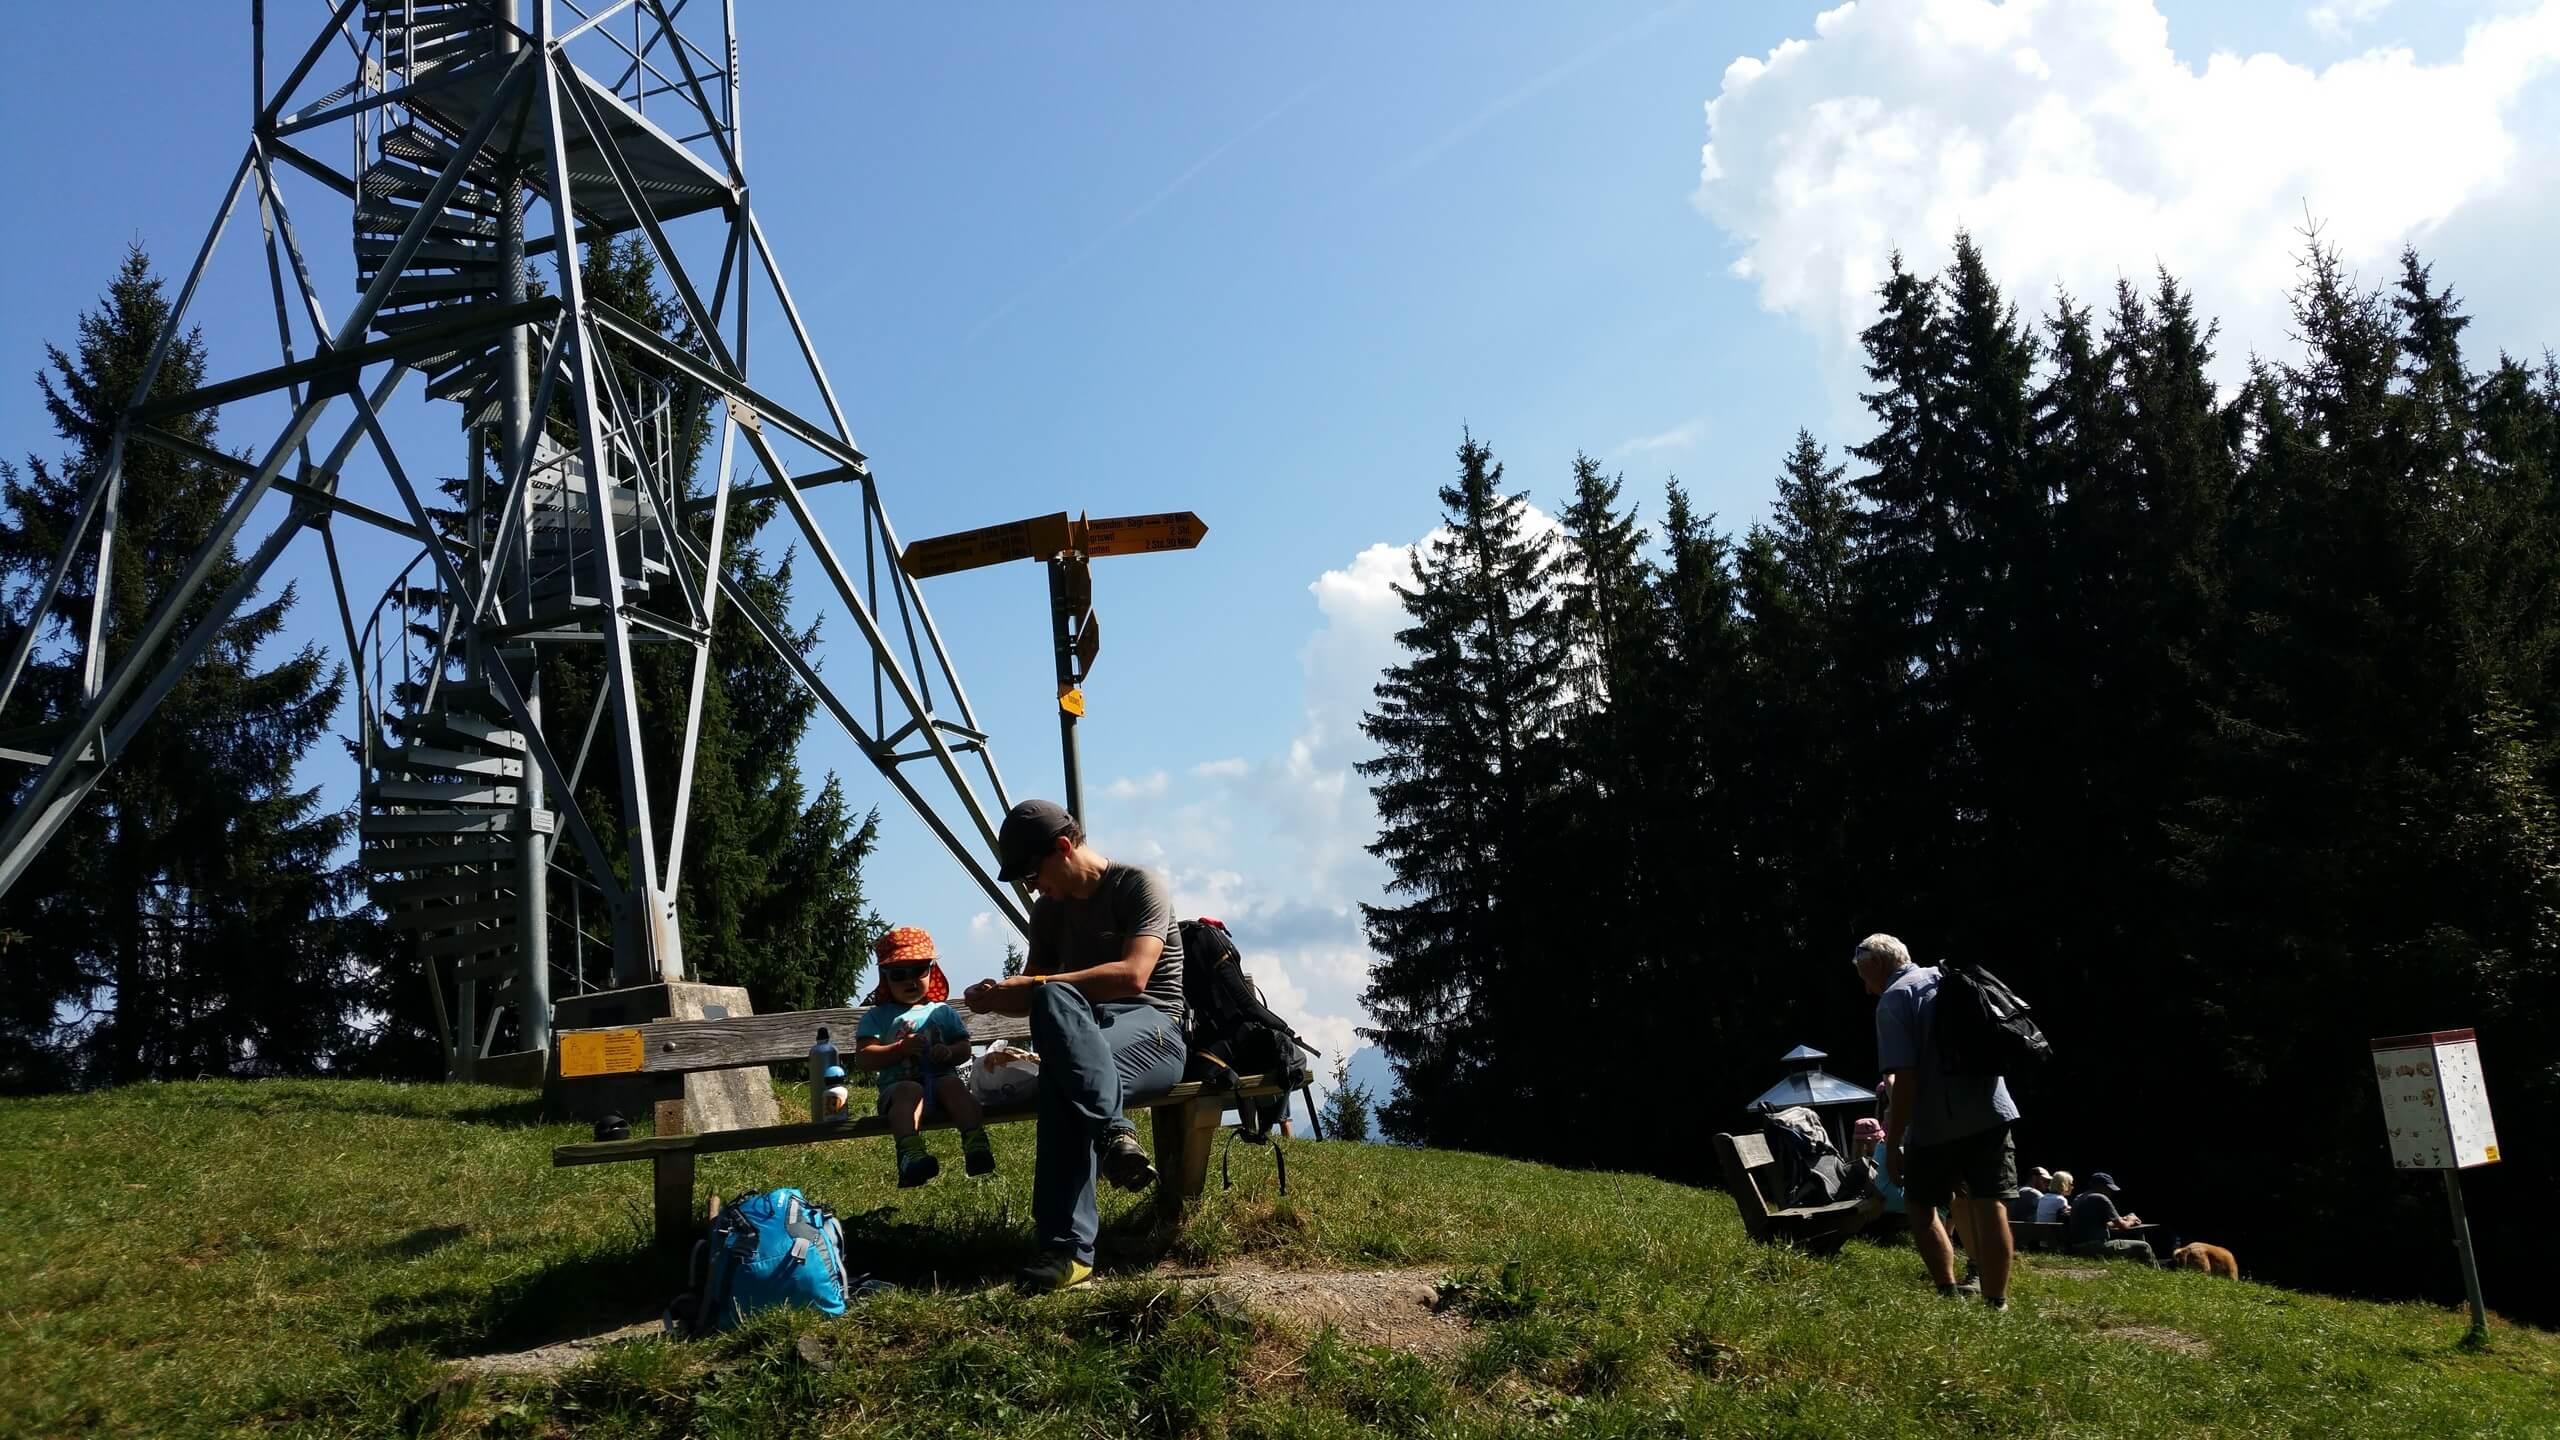 sigriswil-blumenturm-aussicht-wandern-sommer-panorama